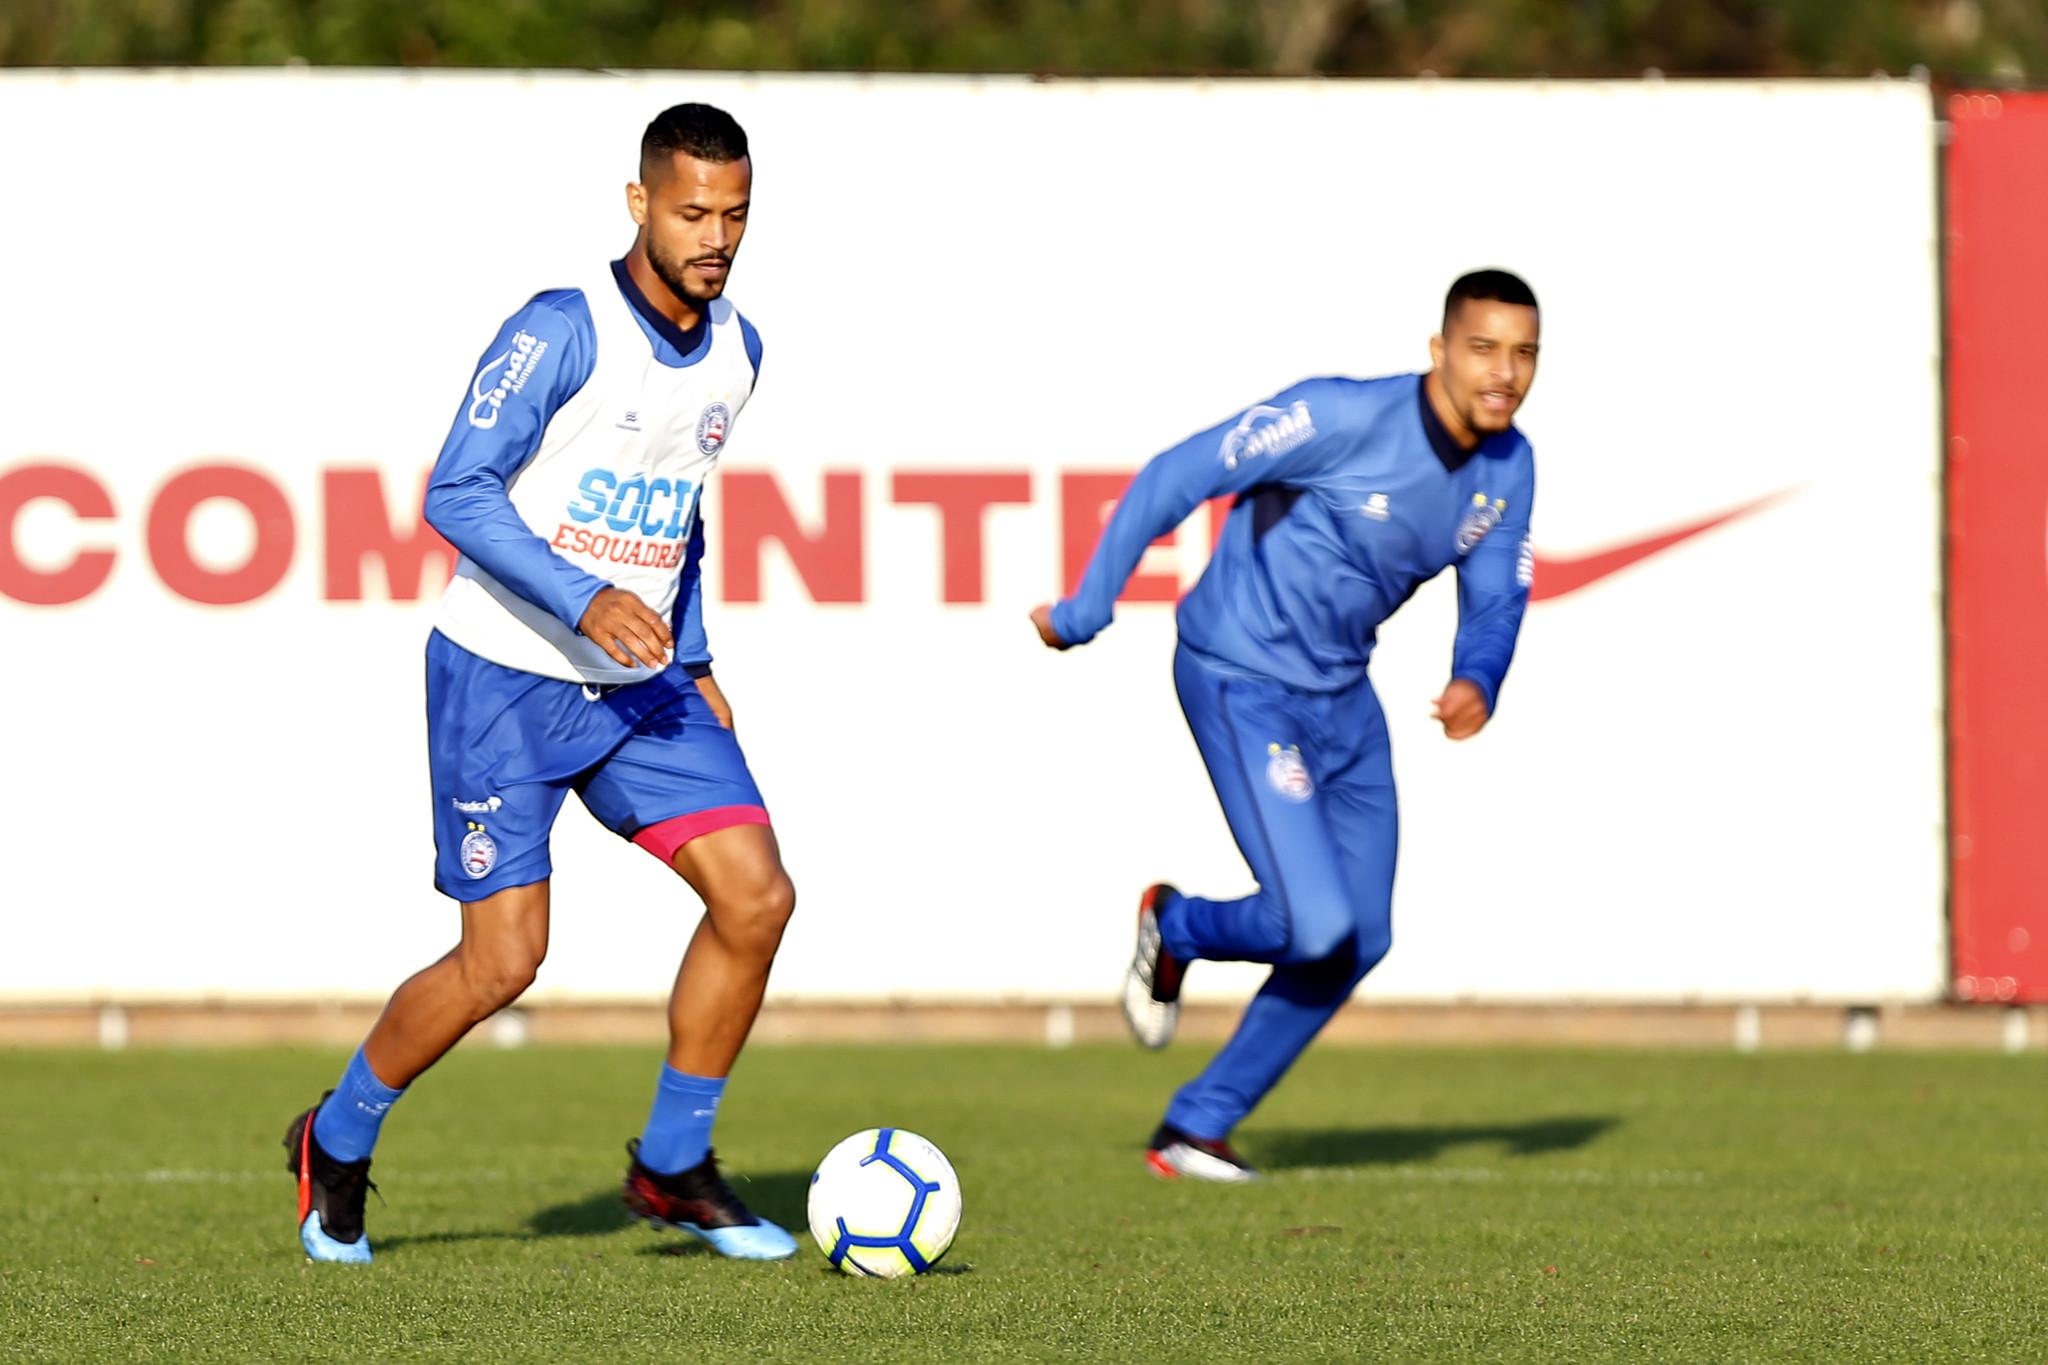 48244433527 3999d30beb k - Bahia fecha preparação para jogo da Copa do Brasil